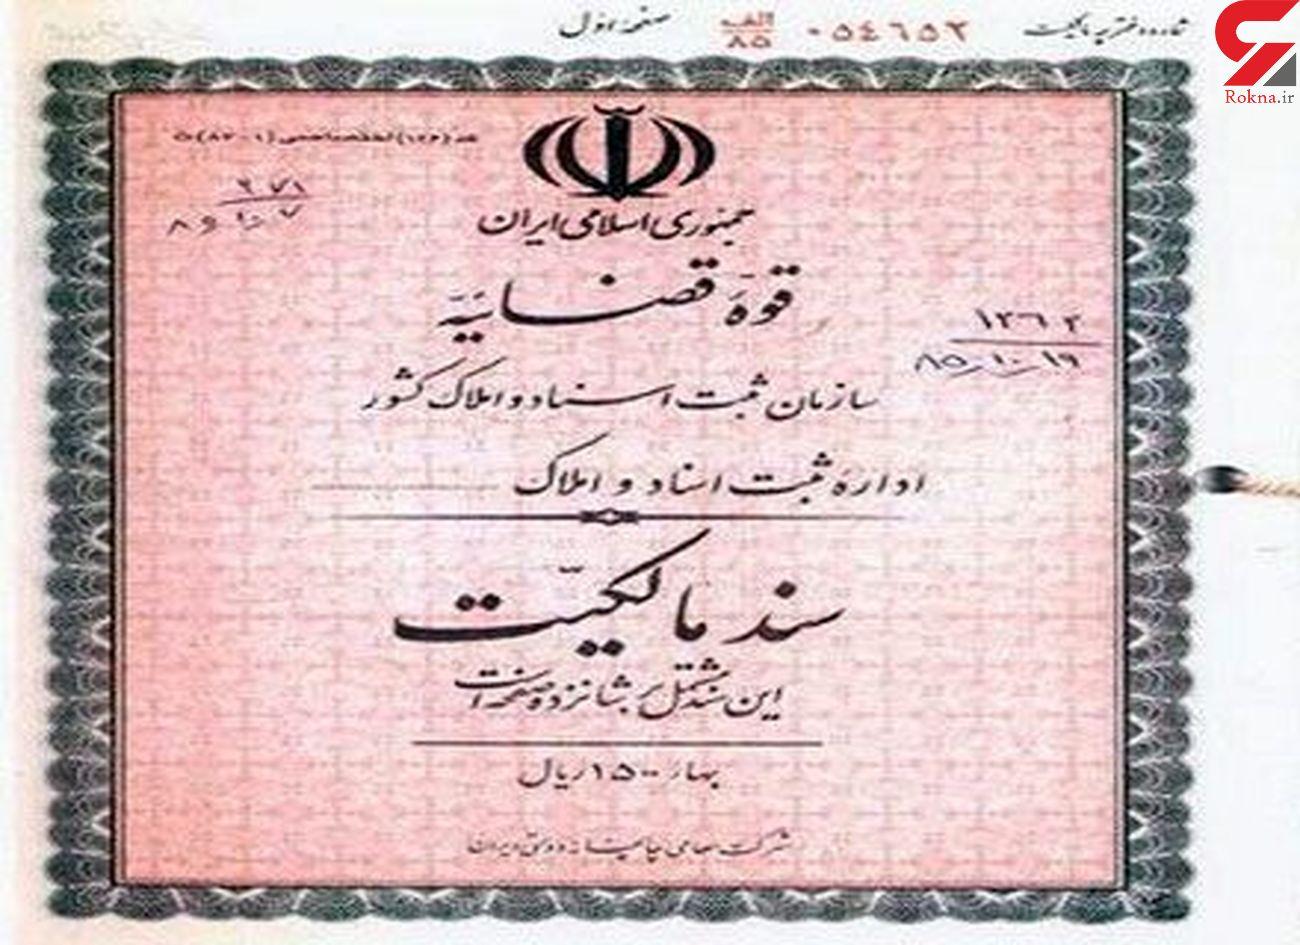 برای دانشگاه تهران، دماوند و اراضی اطراف آن سند مالکیت صادر می شود